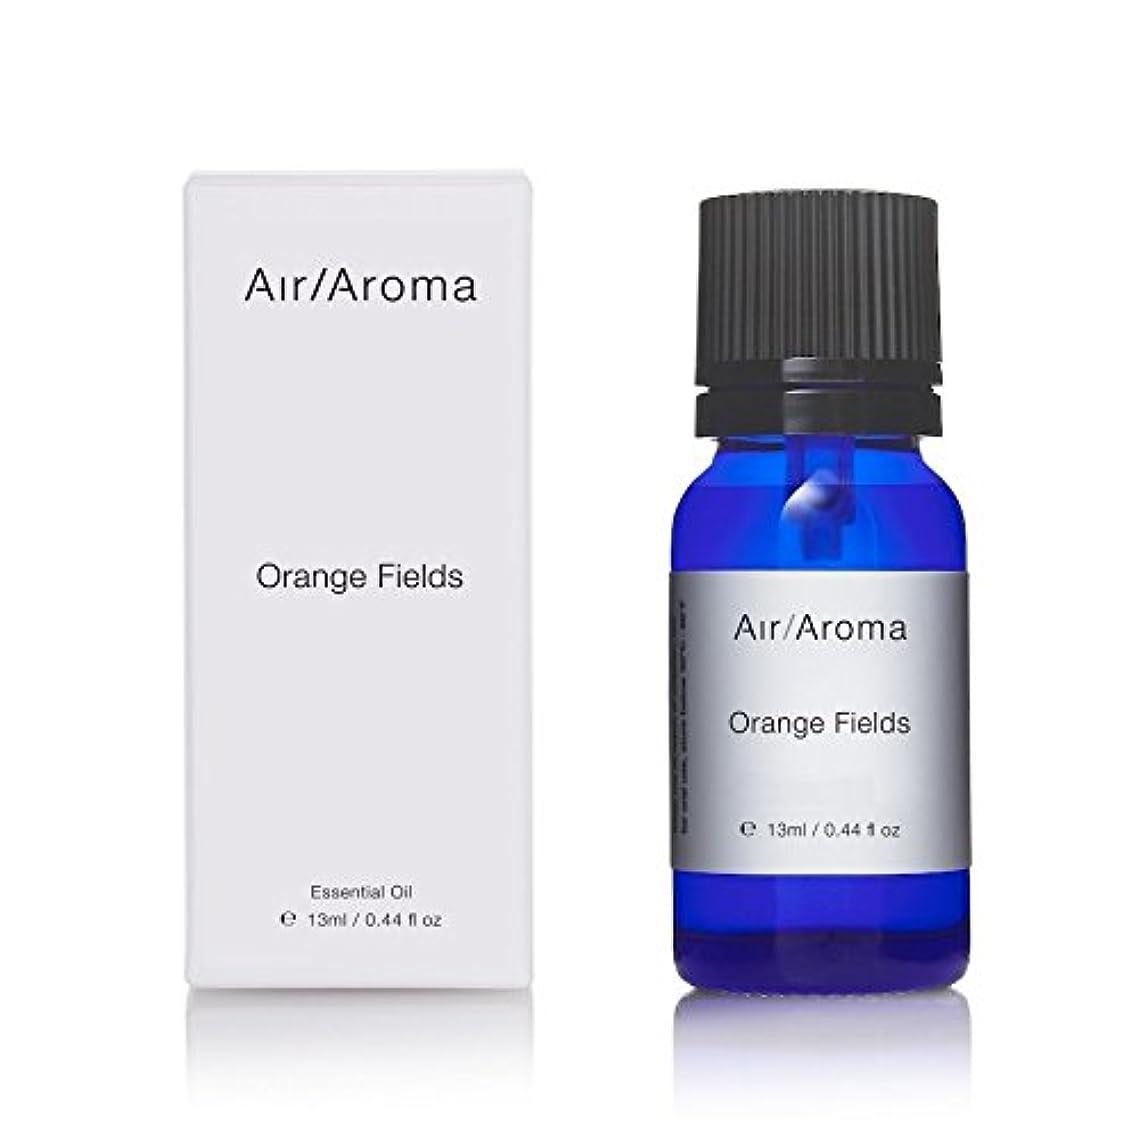 振り子異議無駄だエアアロマ orange fields (オレンジフィールド) 13ml